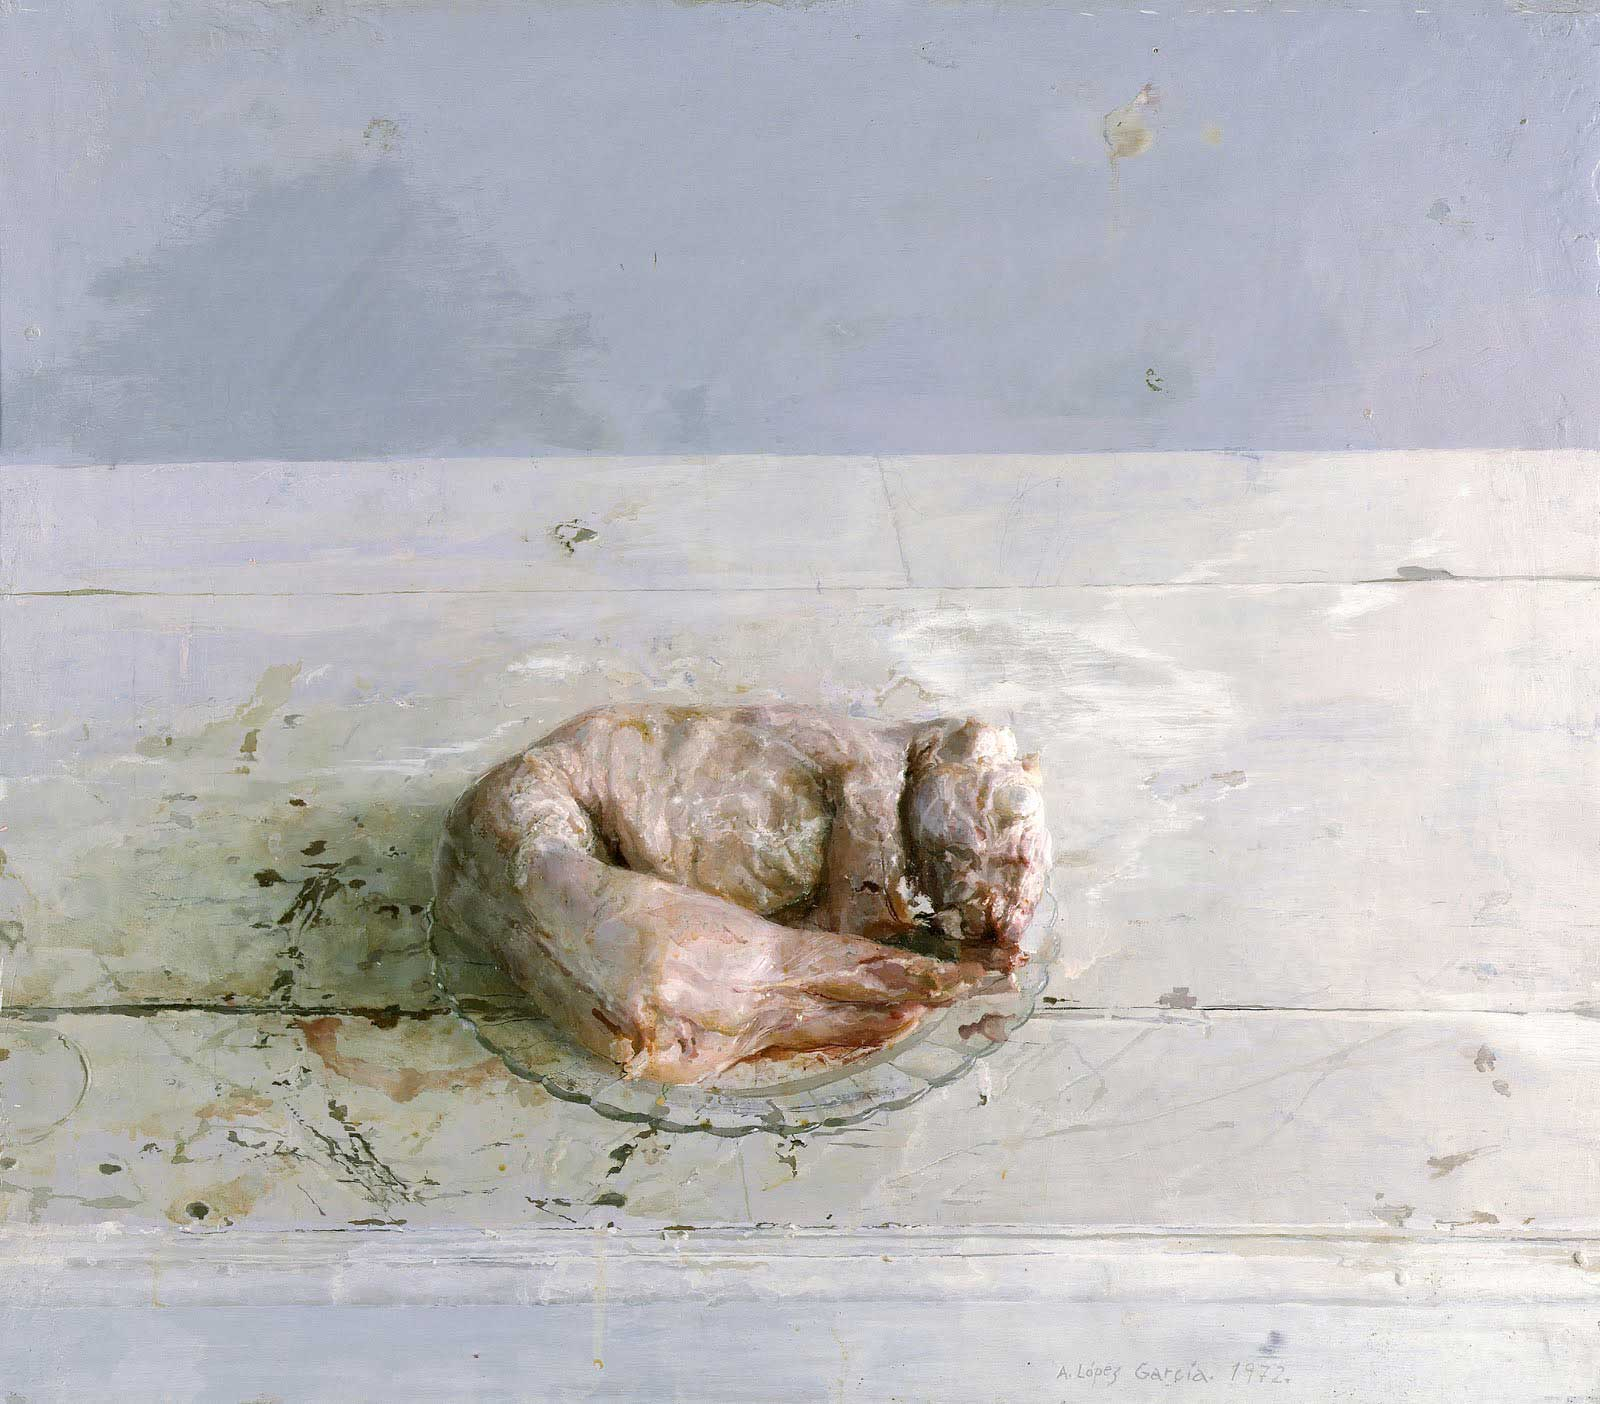 Conejo deshollado, 1972